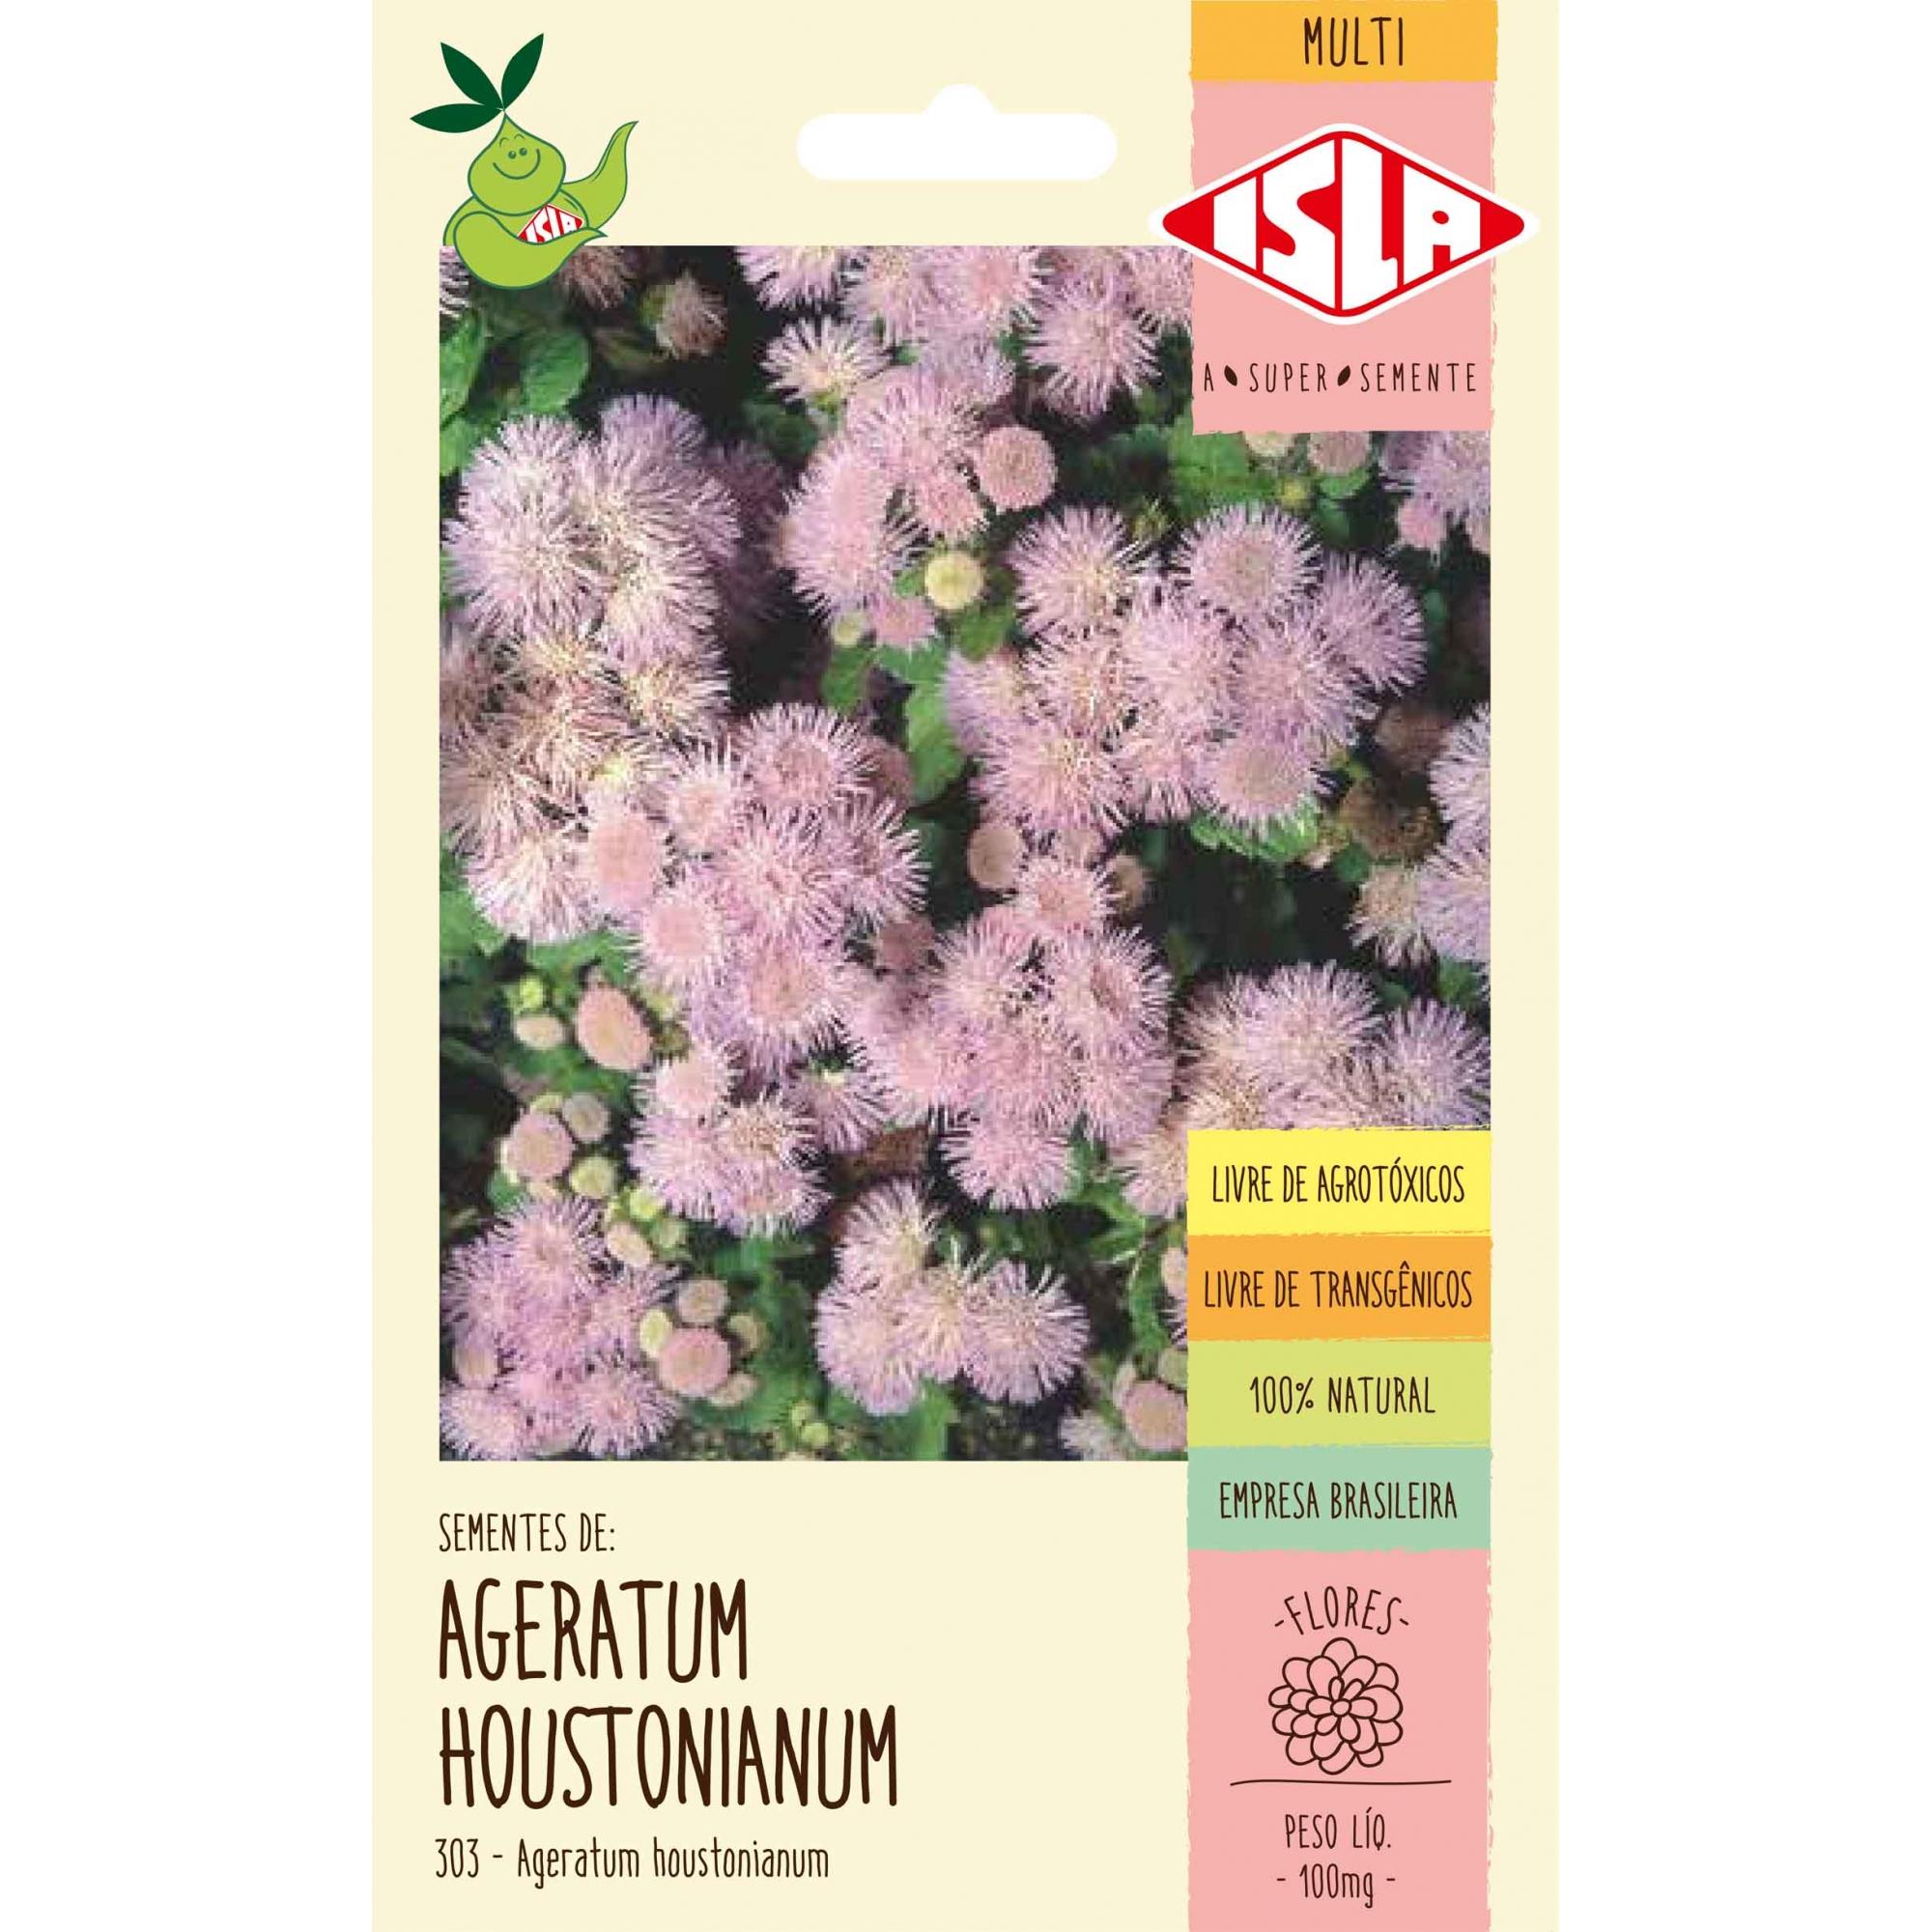 Sementes de Ageratum Mexicano Houstonianum 100mg - Isla Multi